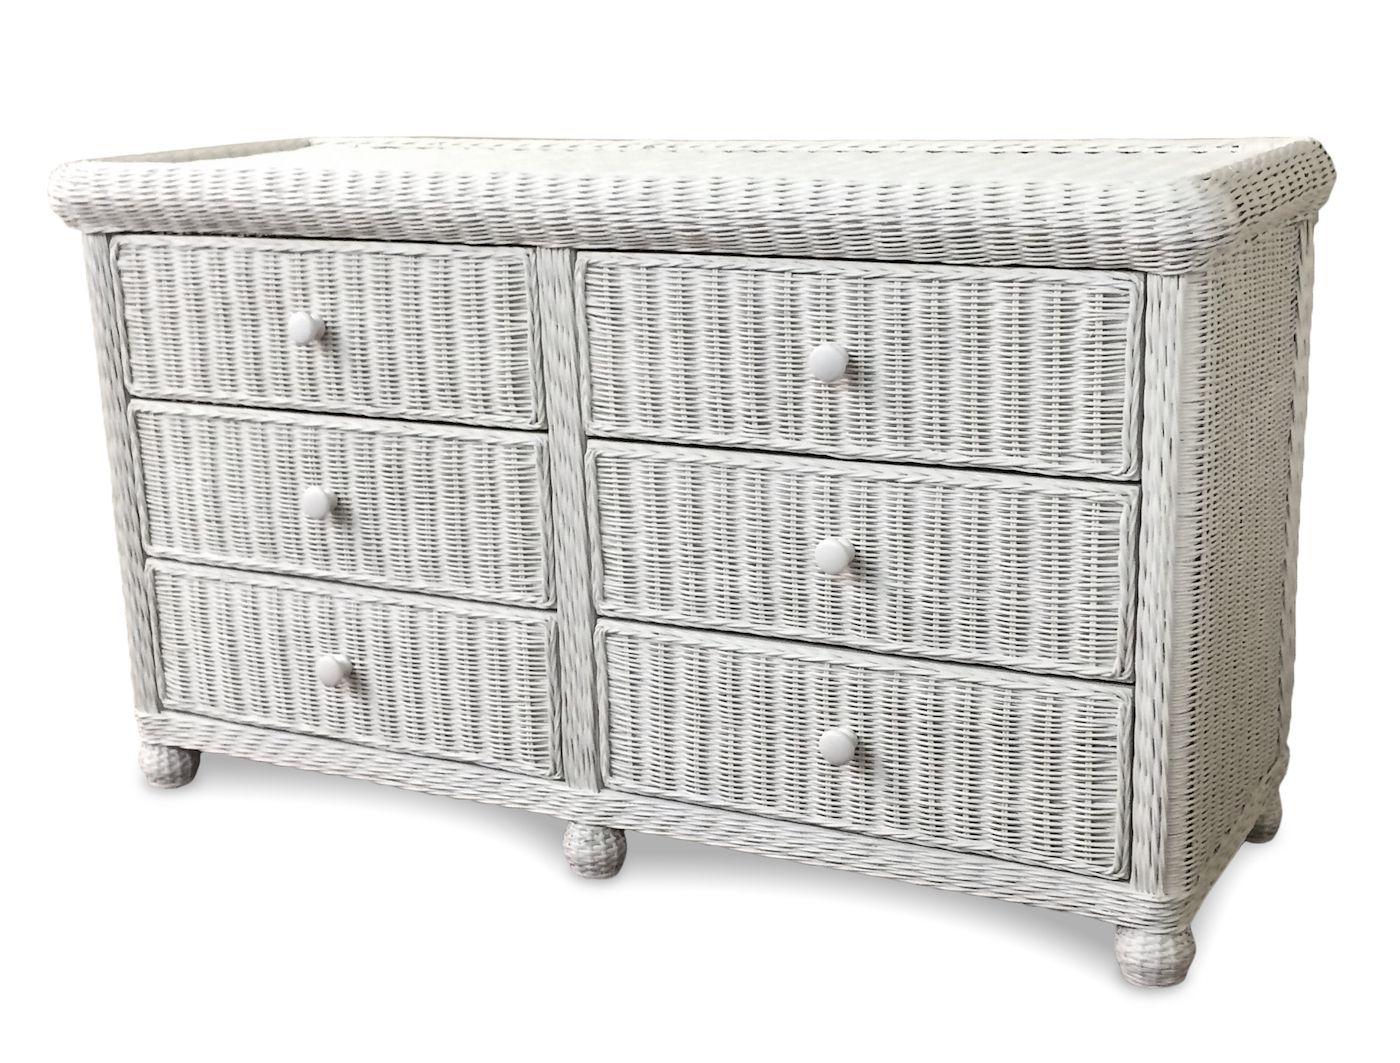 Wicker 6 Drawer Dresser Elana Wicker Paradise Wicker Bedroom Furniture White Wicker Bedroom Furniture White Wicker